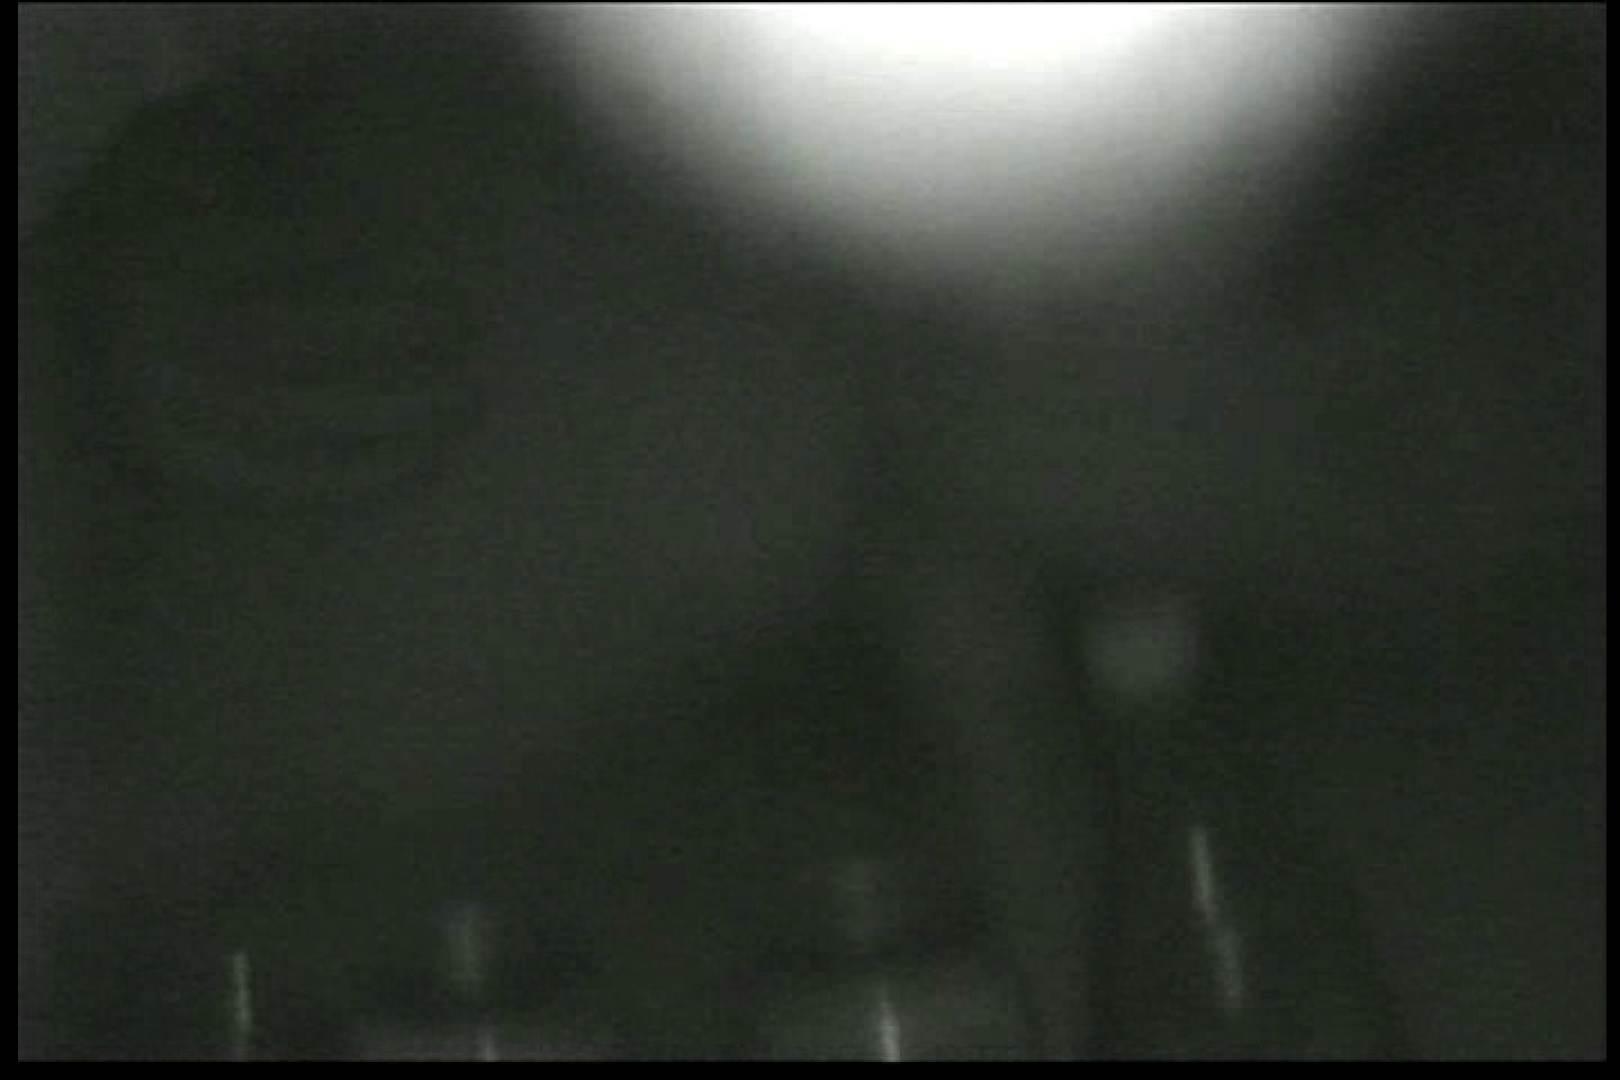 車の中はラブホテル 無修正版  Vol.12 望遠 | カップル  35pic 33